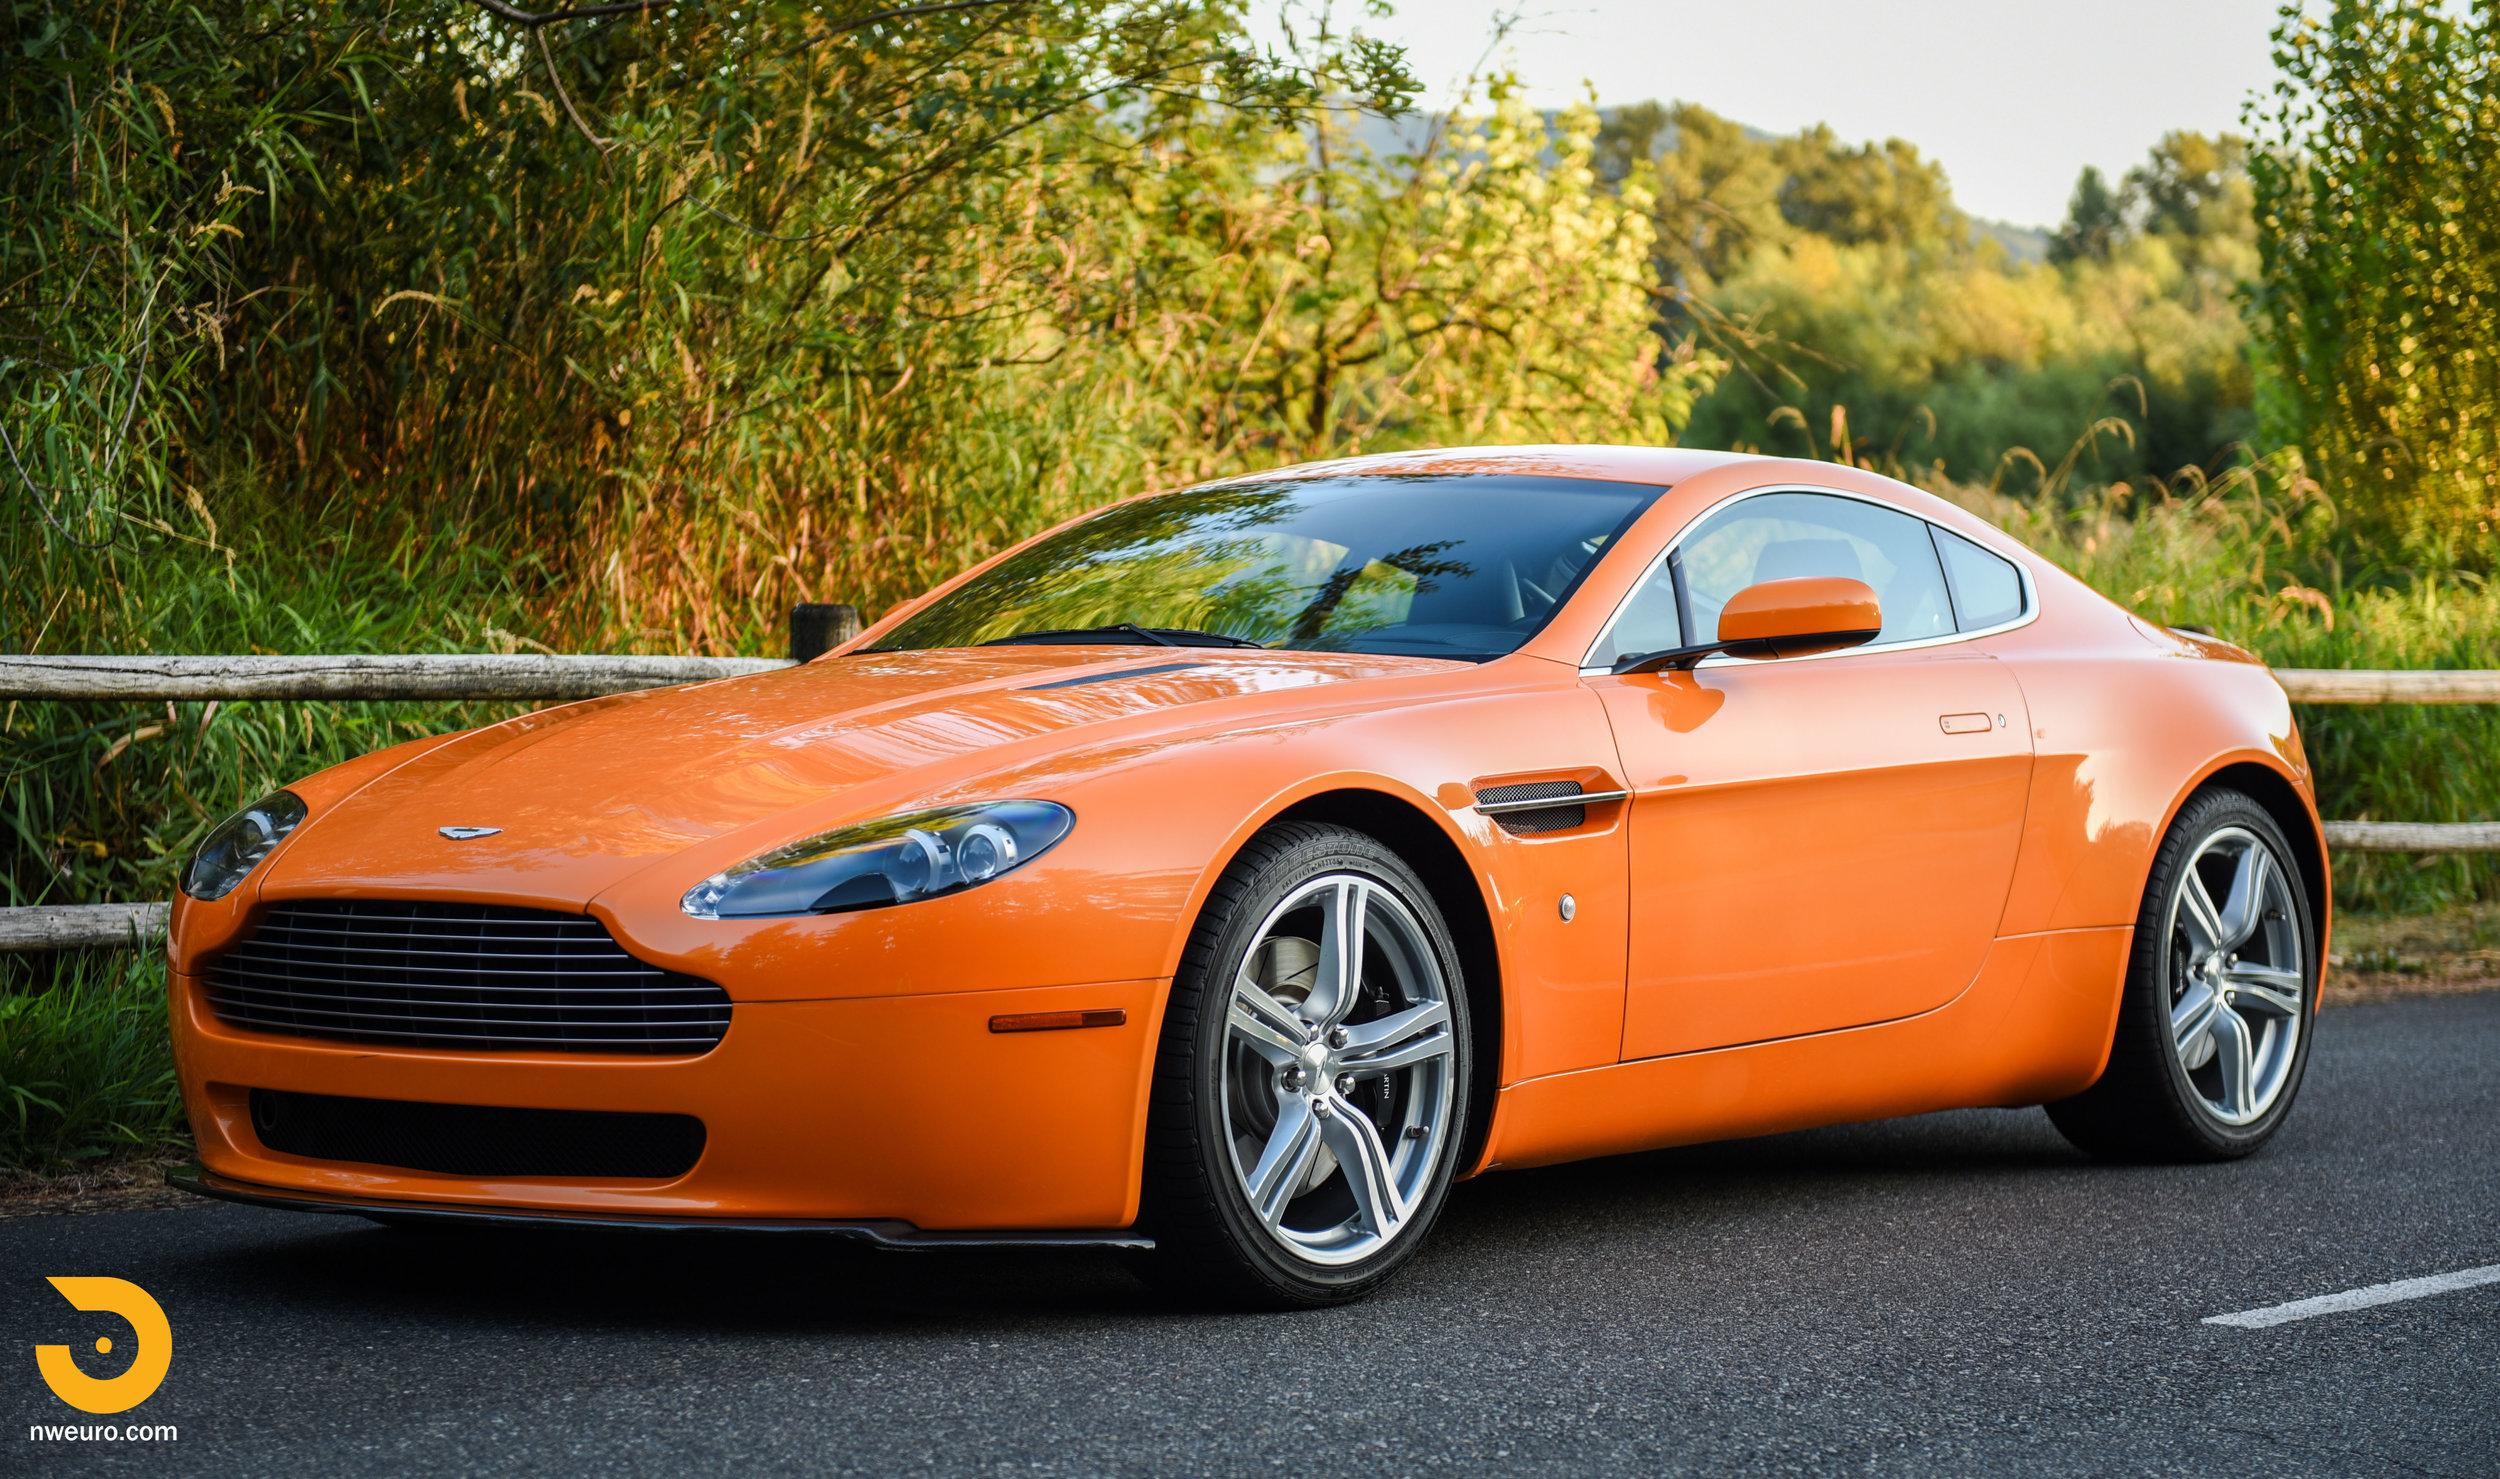 2009 Aston Martin V8 Vantage-40.jpg